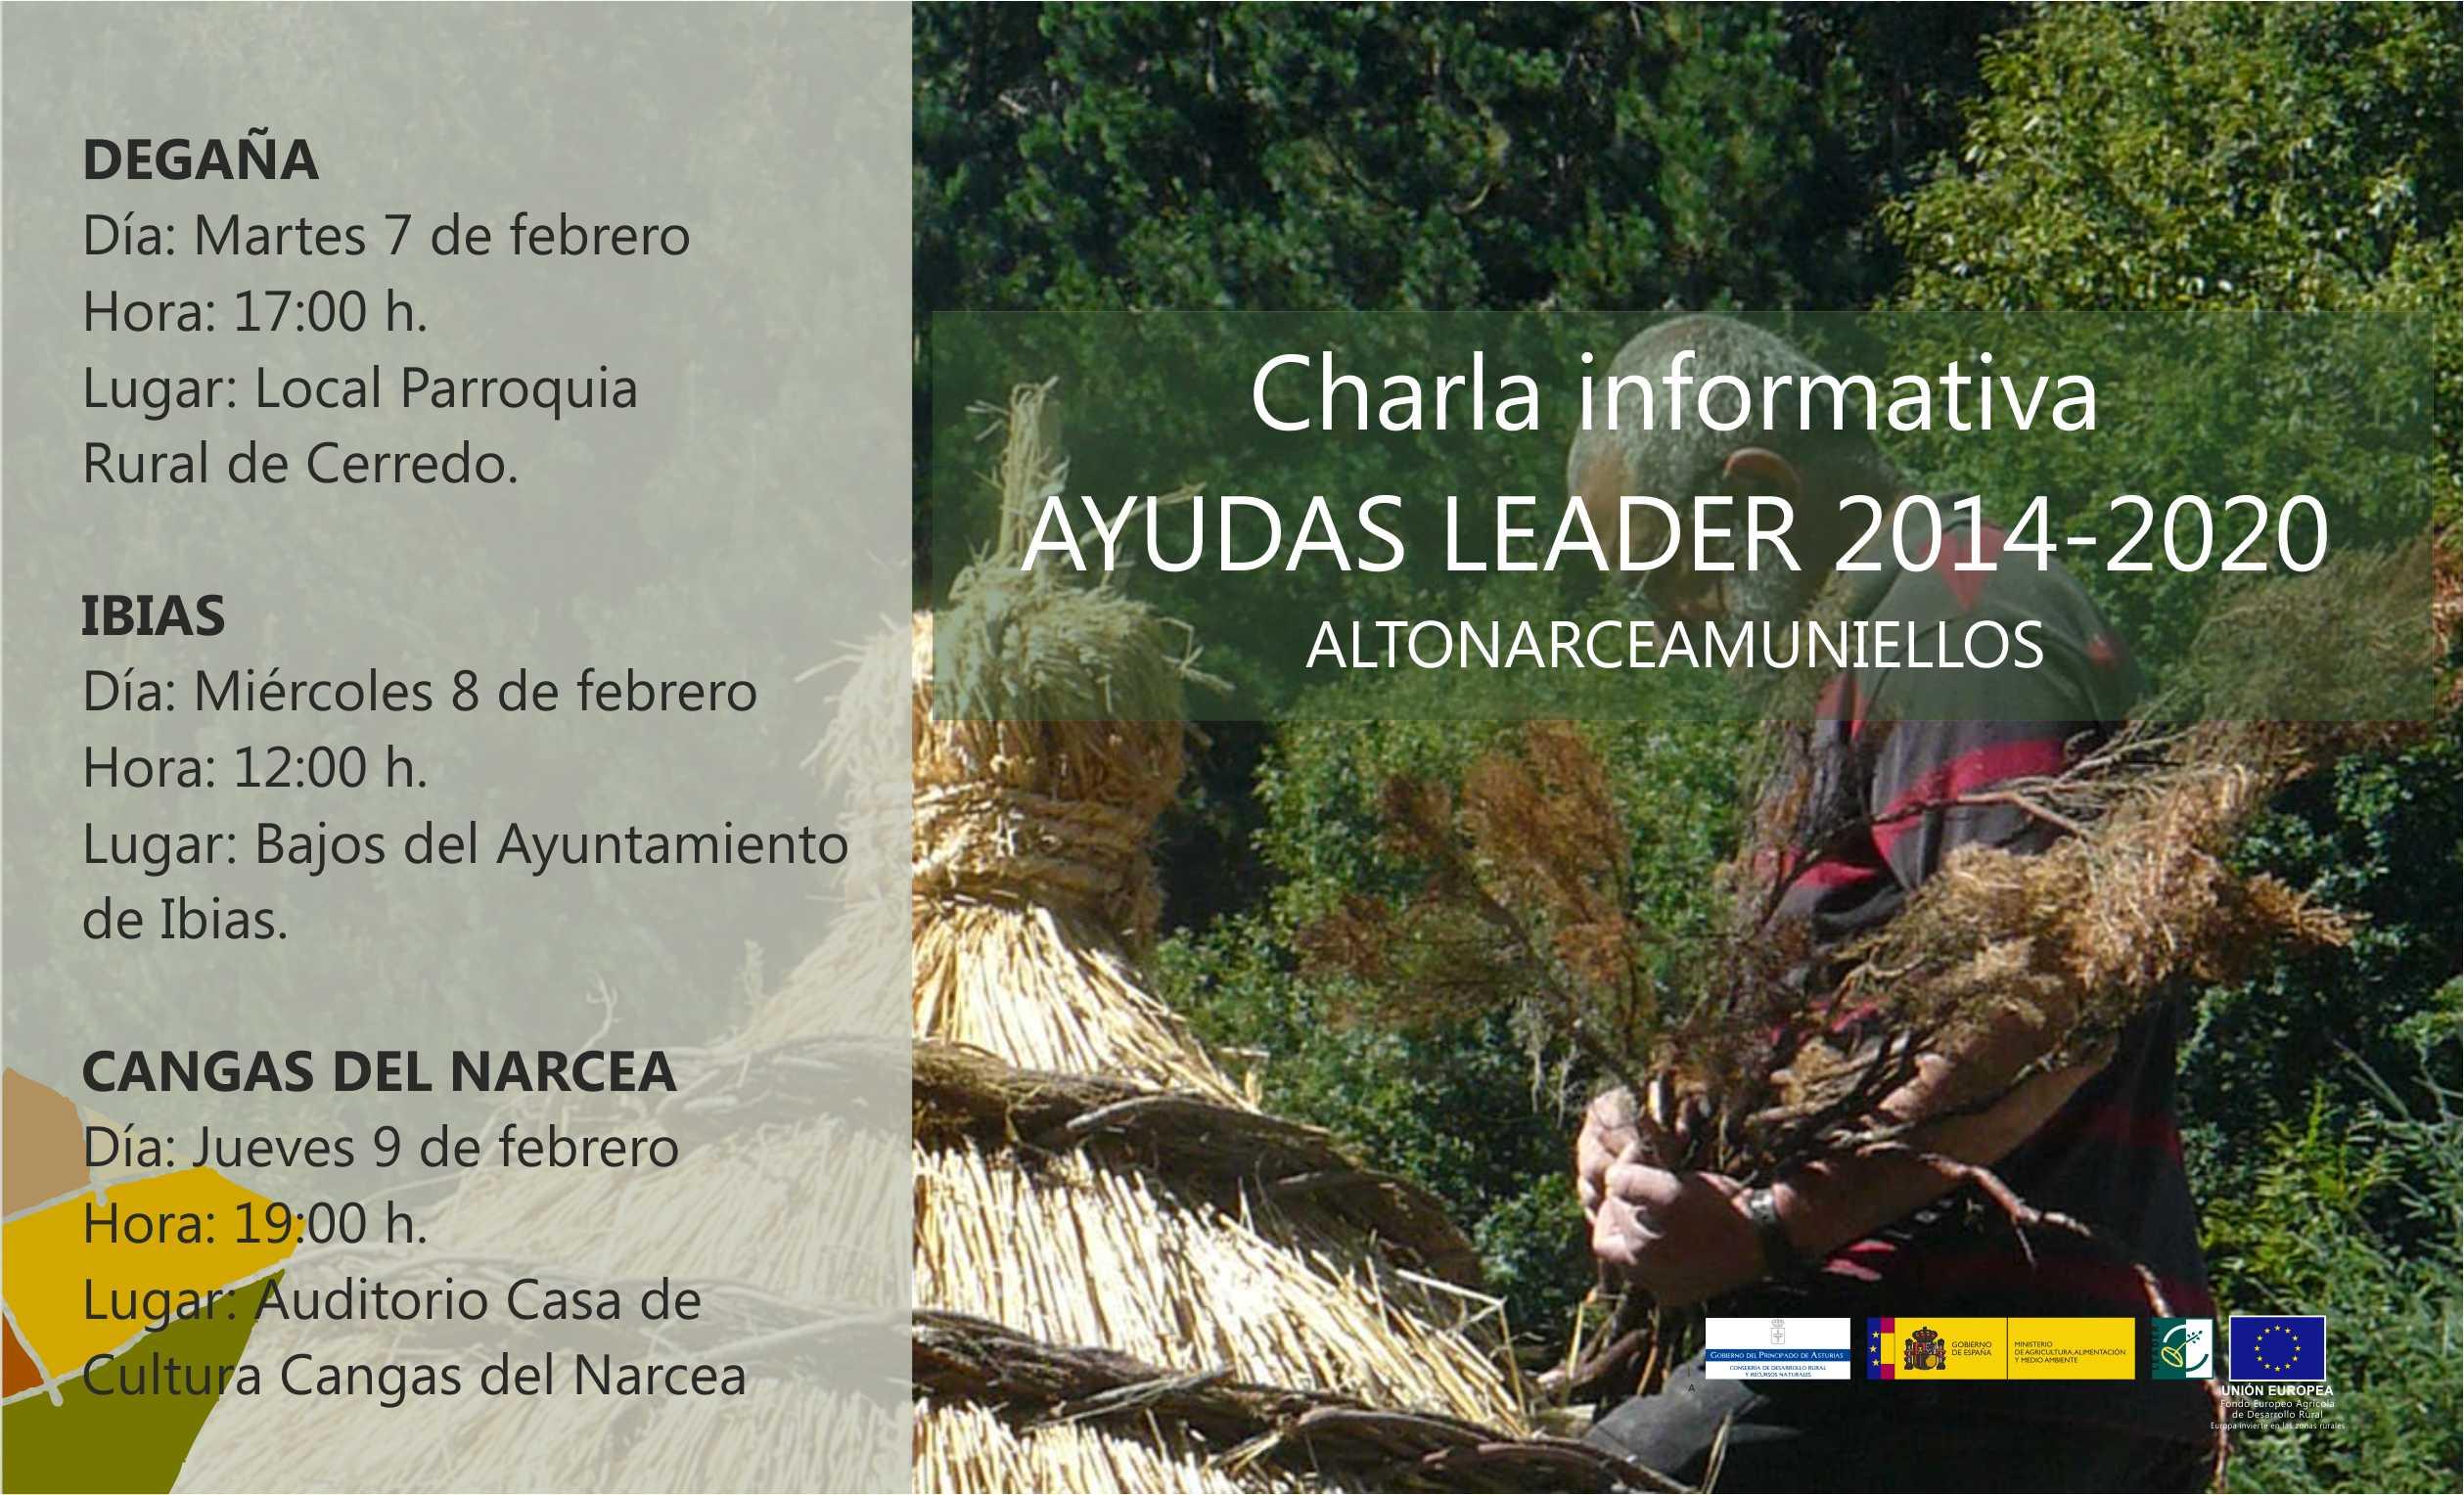 CANGAS DEL NARCEA.- Programa de ayudas LEADER